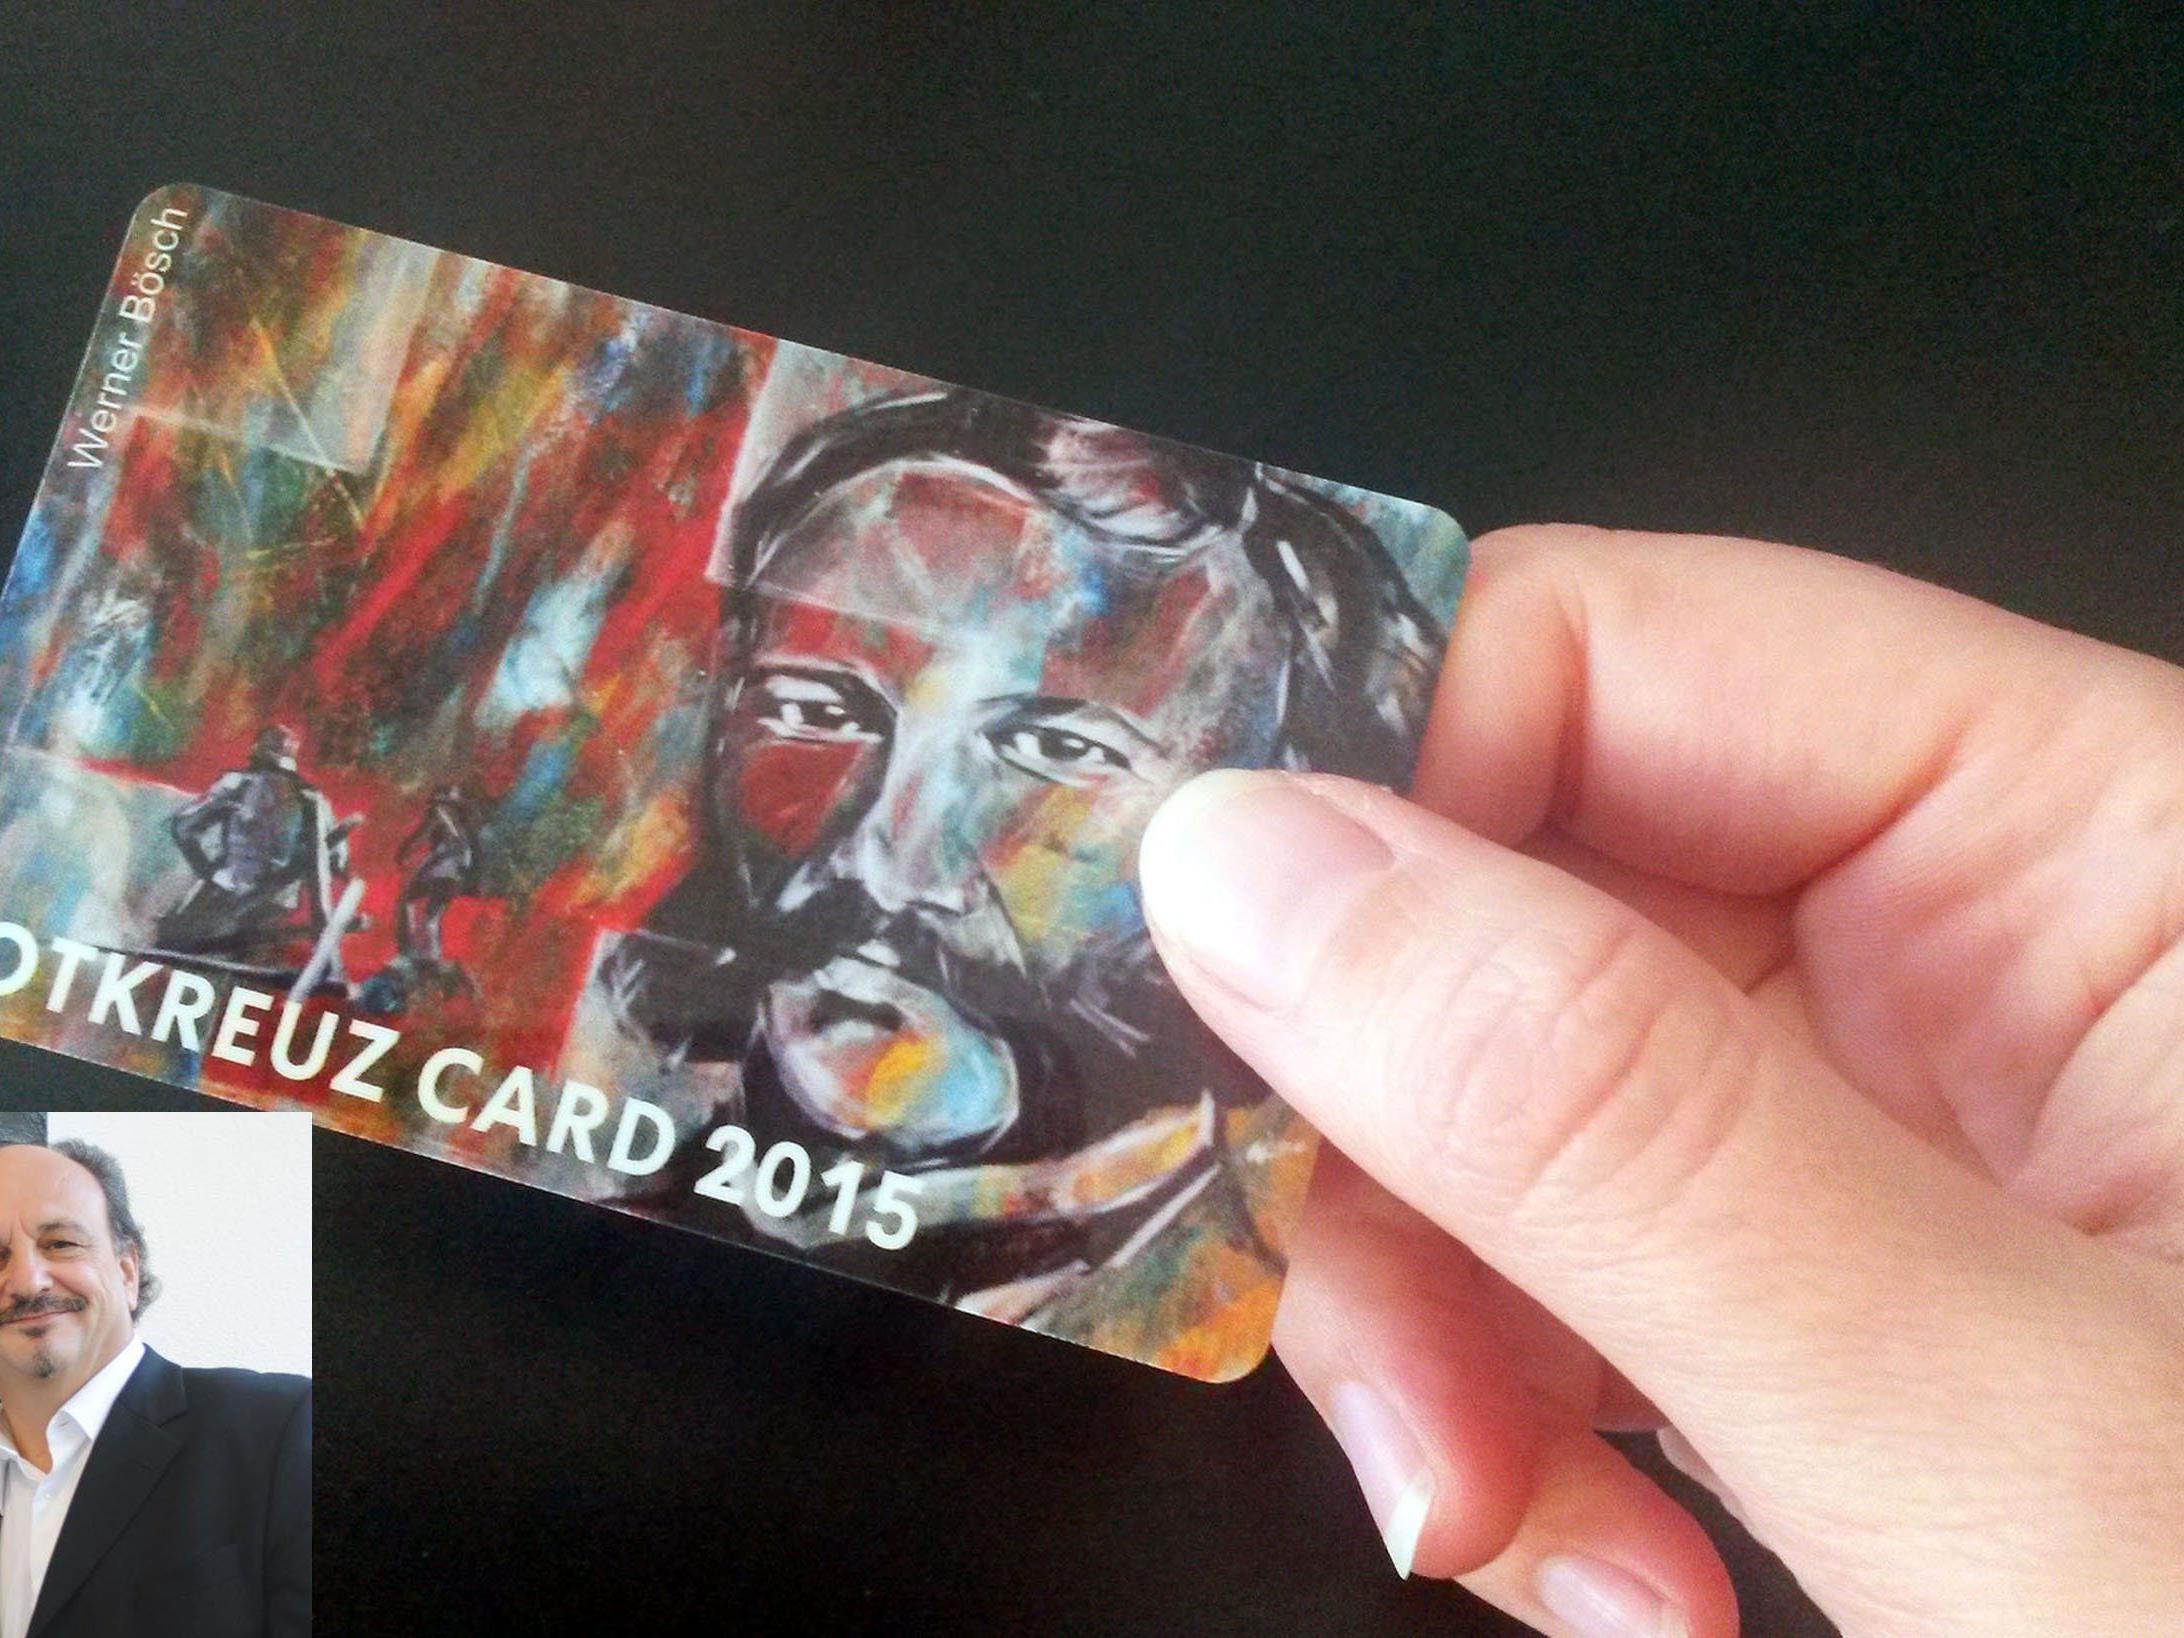 Die neue RK-Card wurde von Künstler Werner Bösch (kl. Bild) gestaltet.